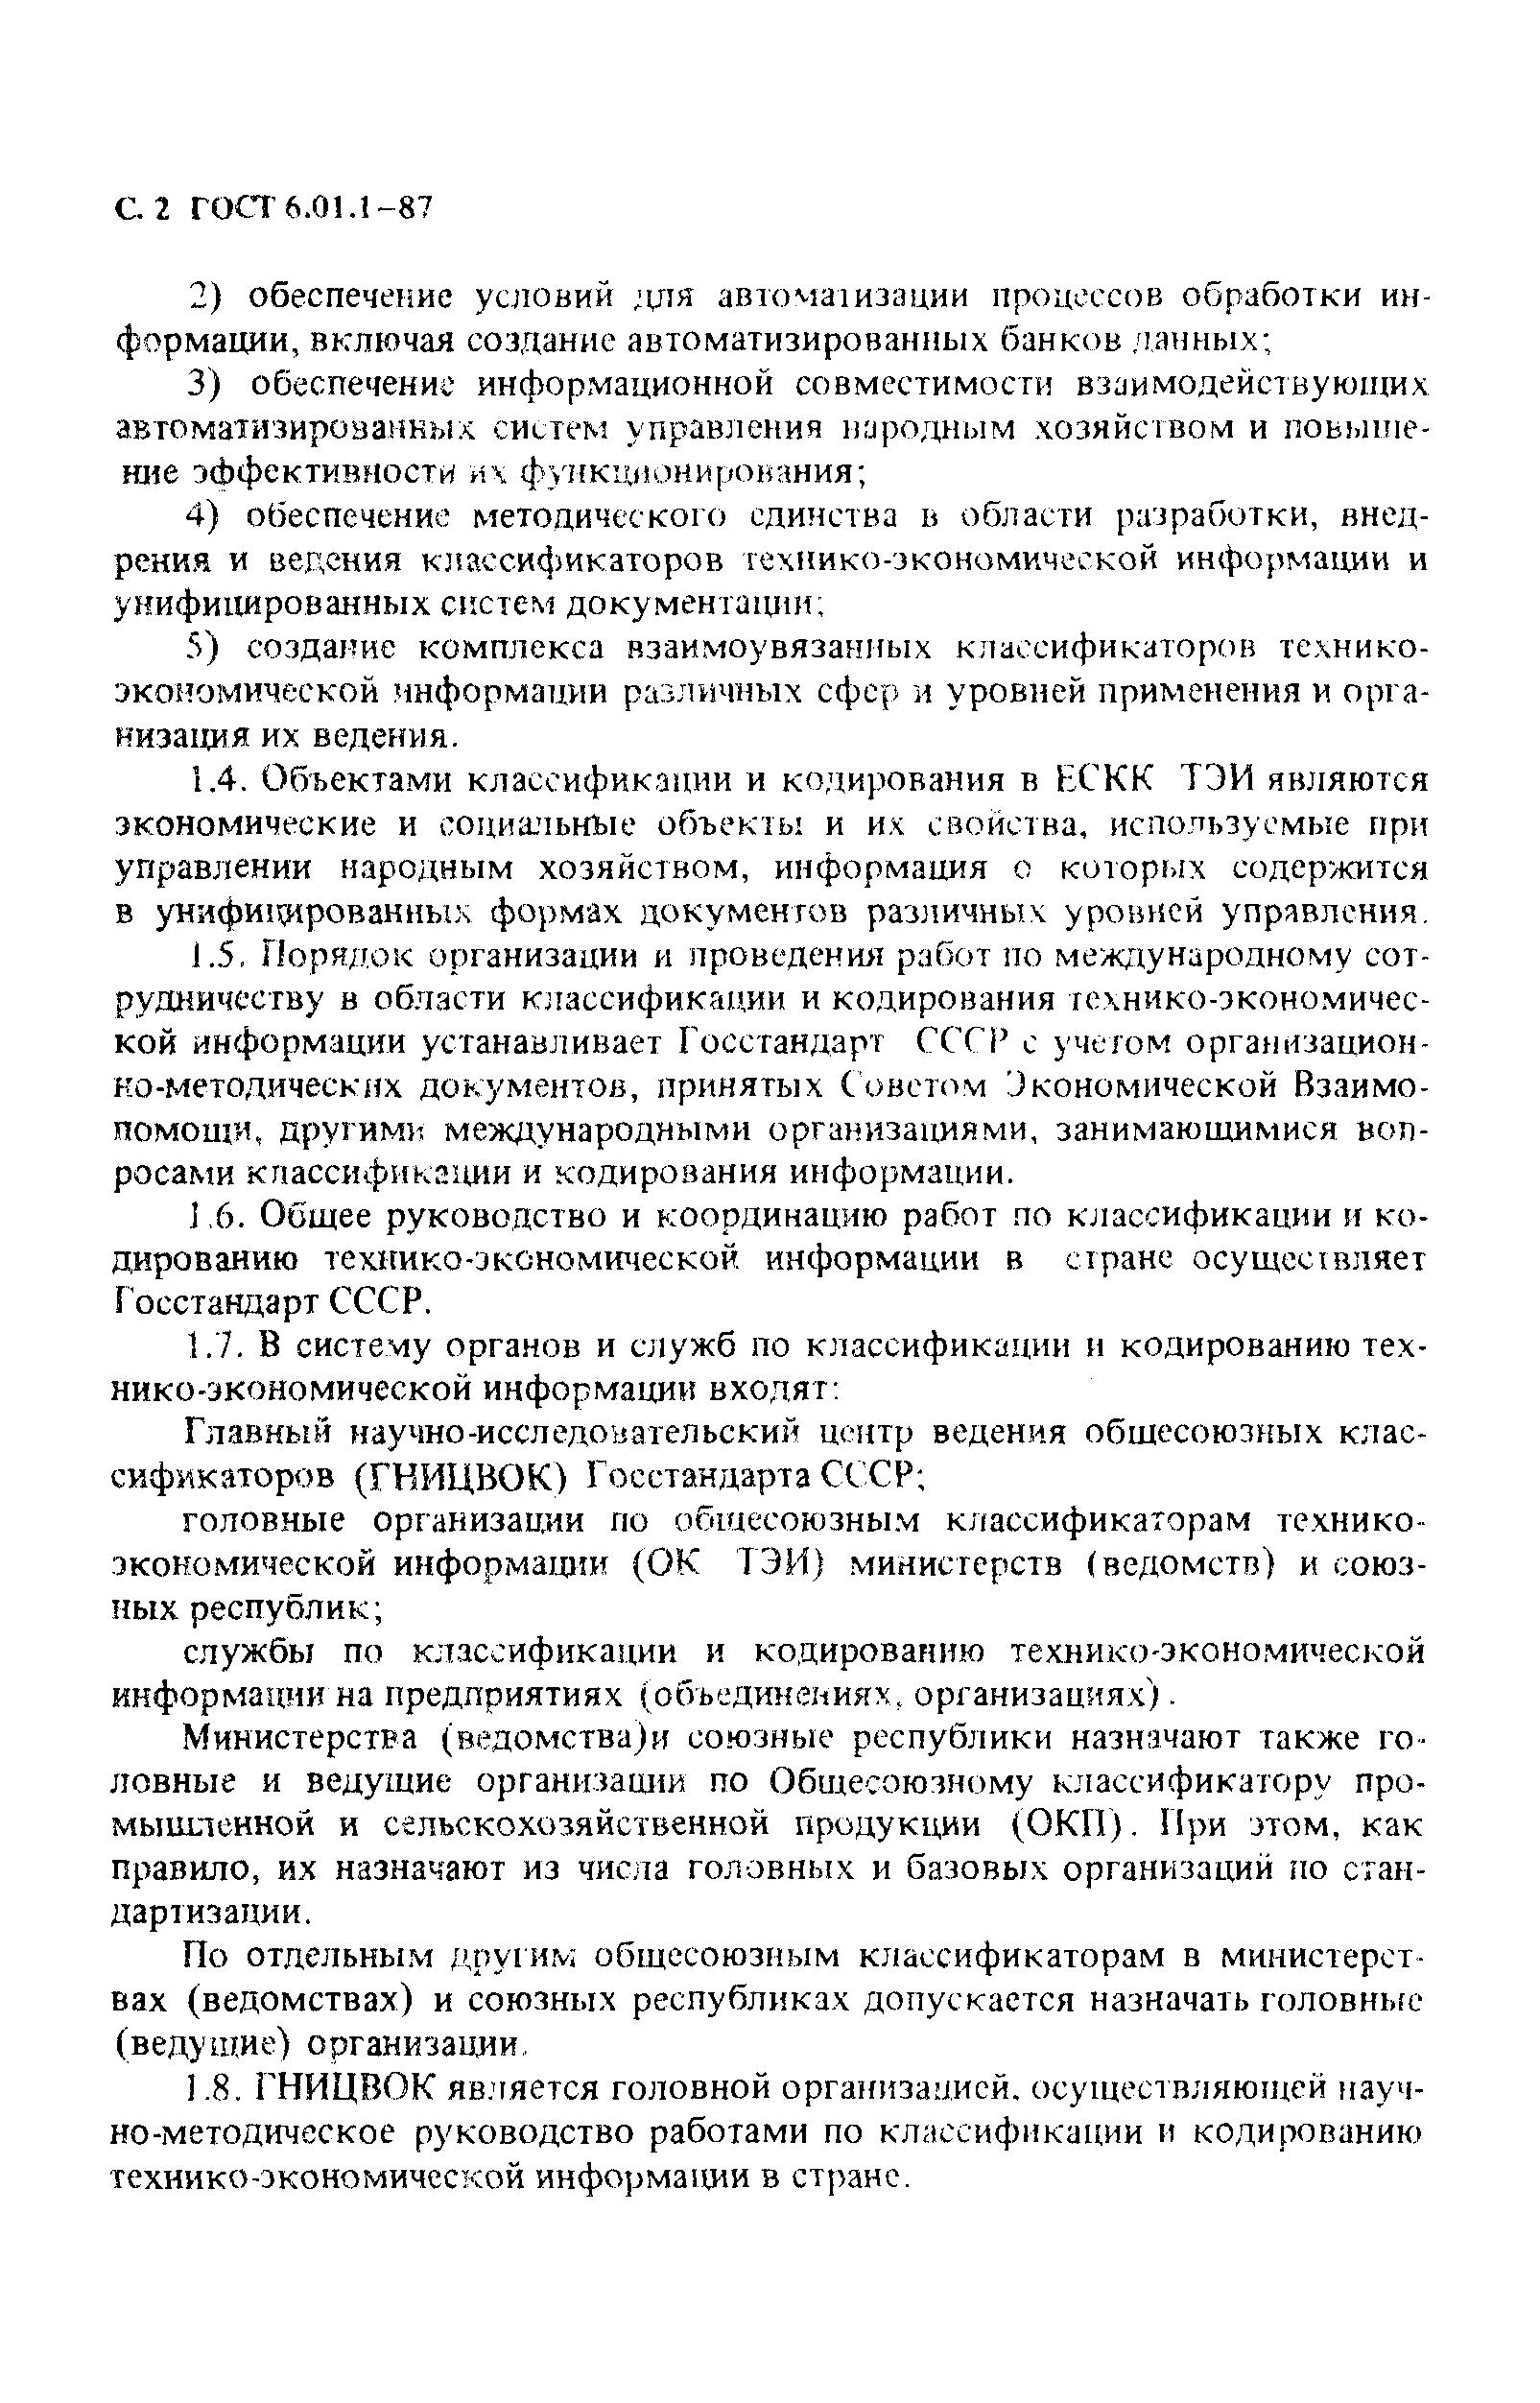 ГОСТ 6.01.1-87. Страница 3